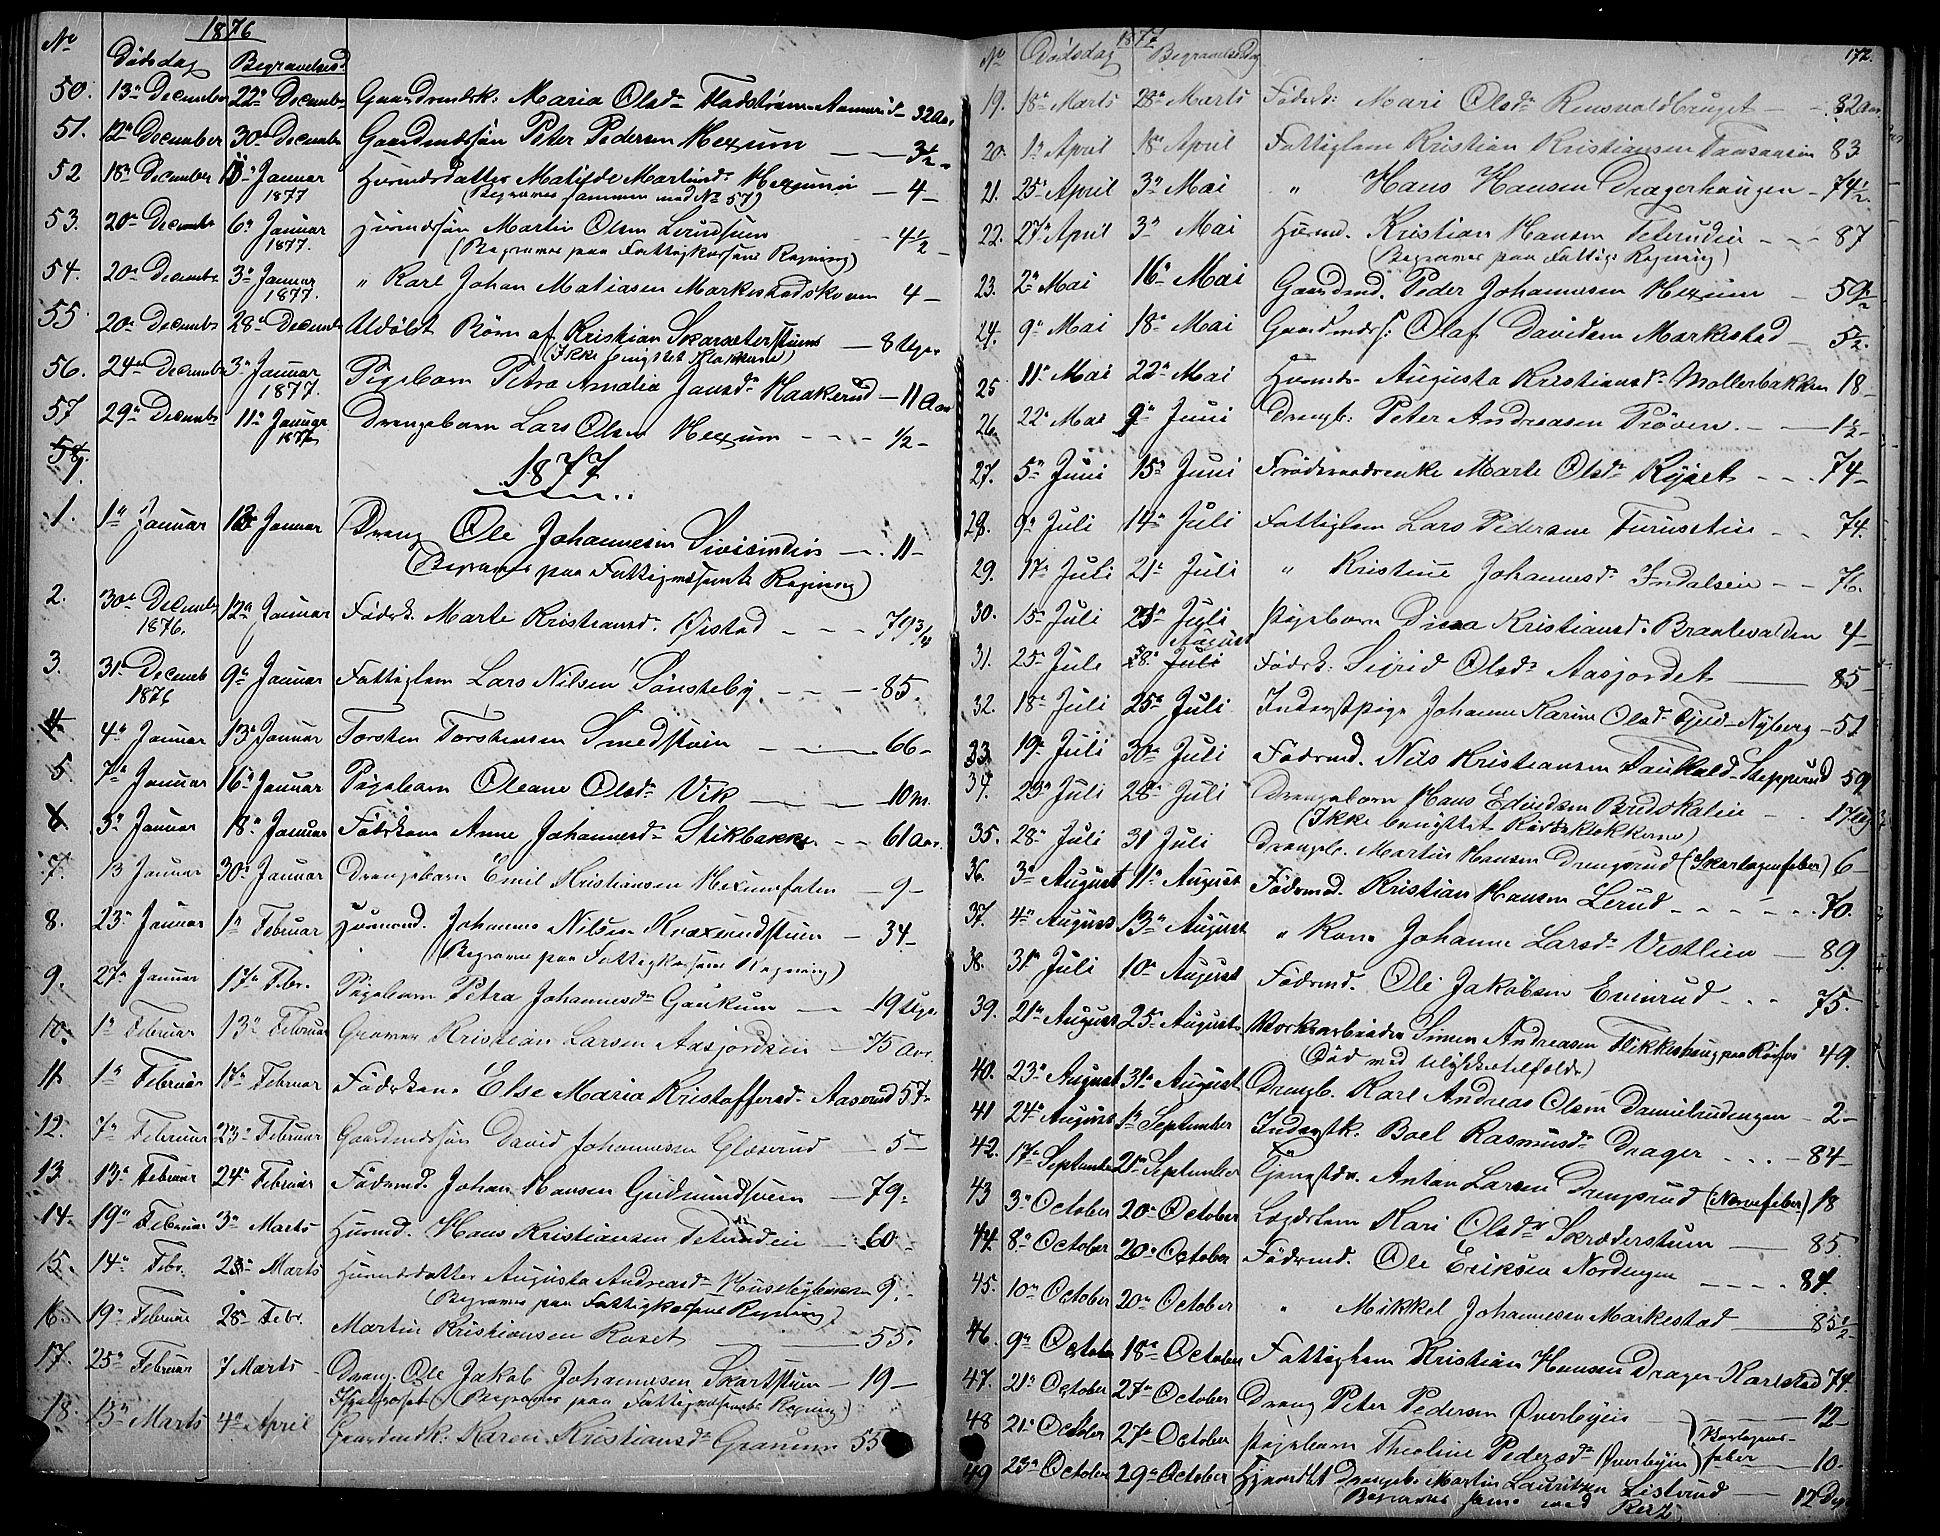 SAH, Vestre Toten prestekontor, Klokkerbok nr. 6, 1870-1887, s. 172